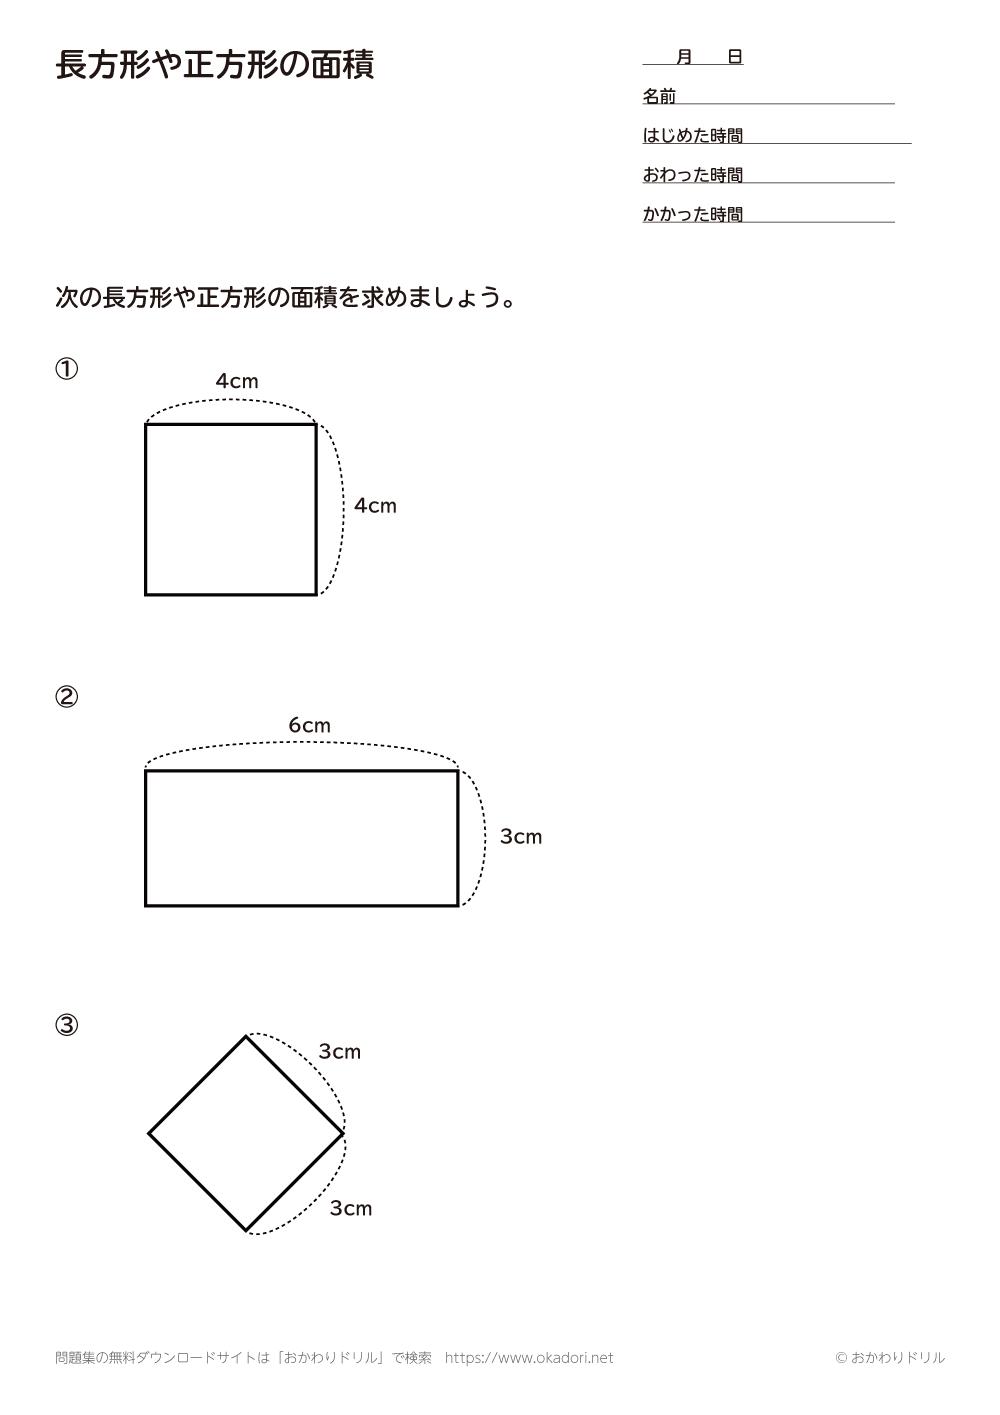 長方形や正方形の面積4